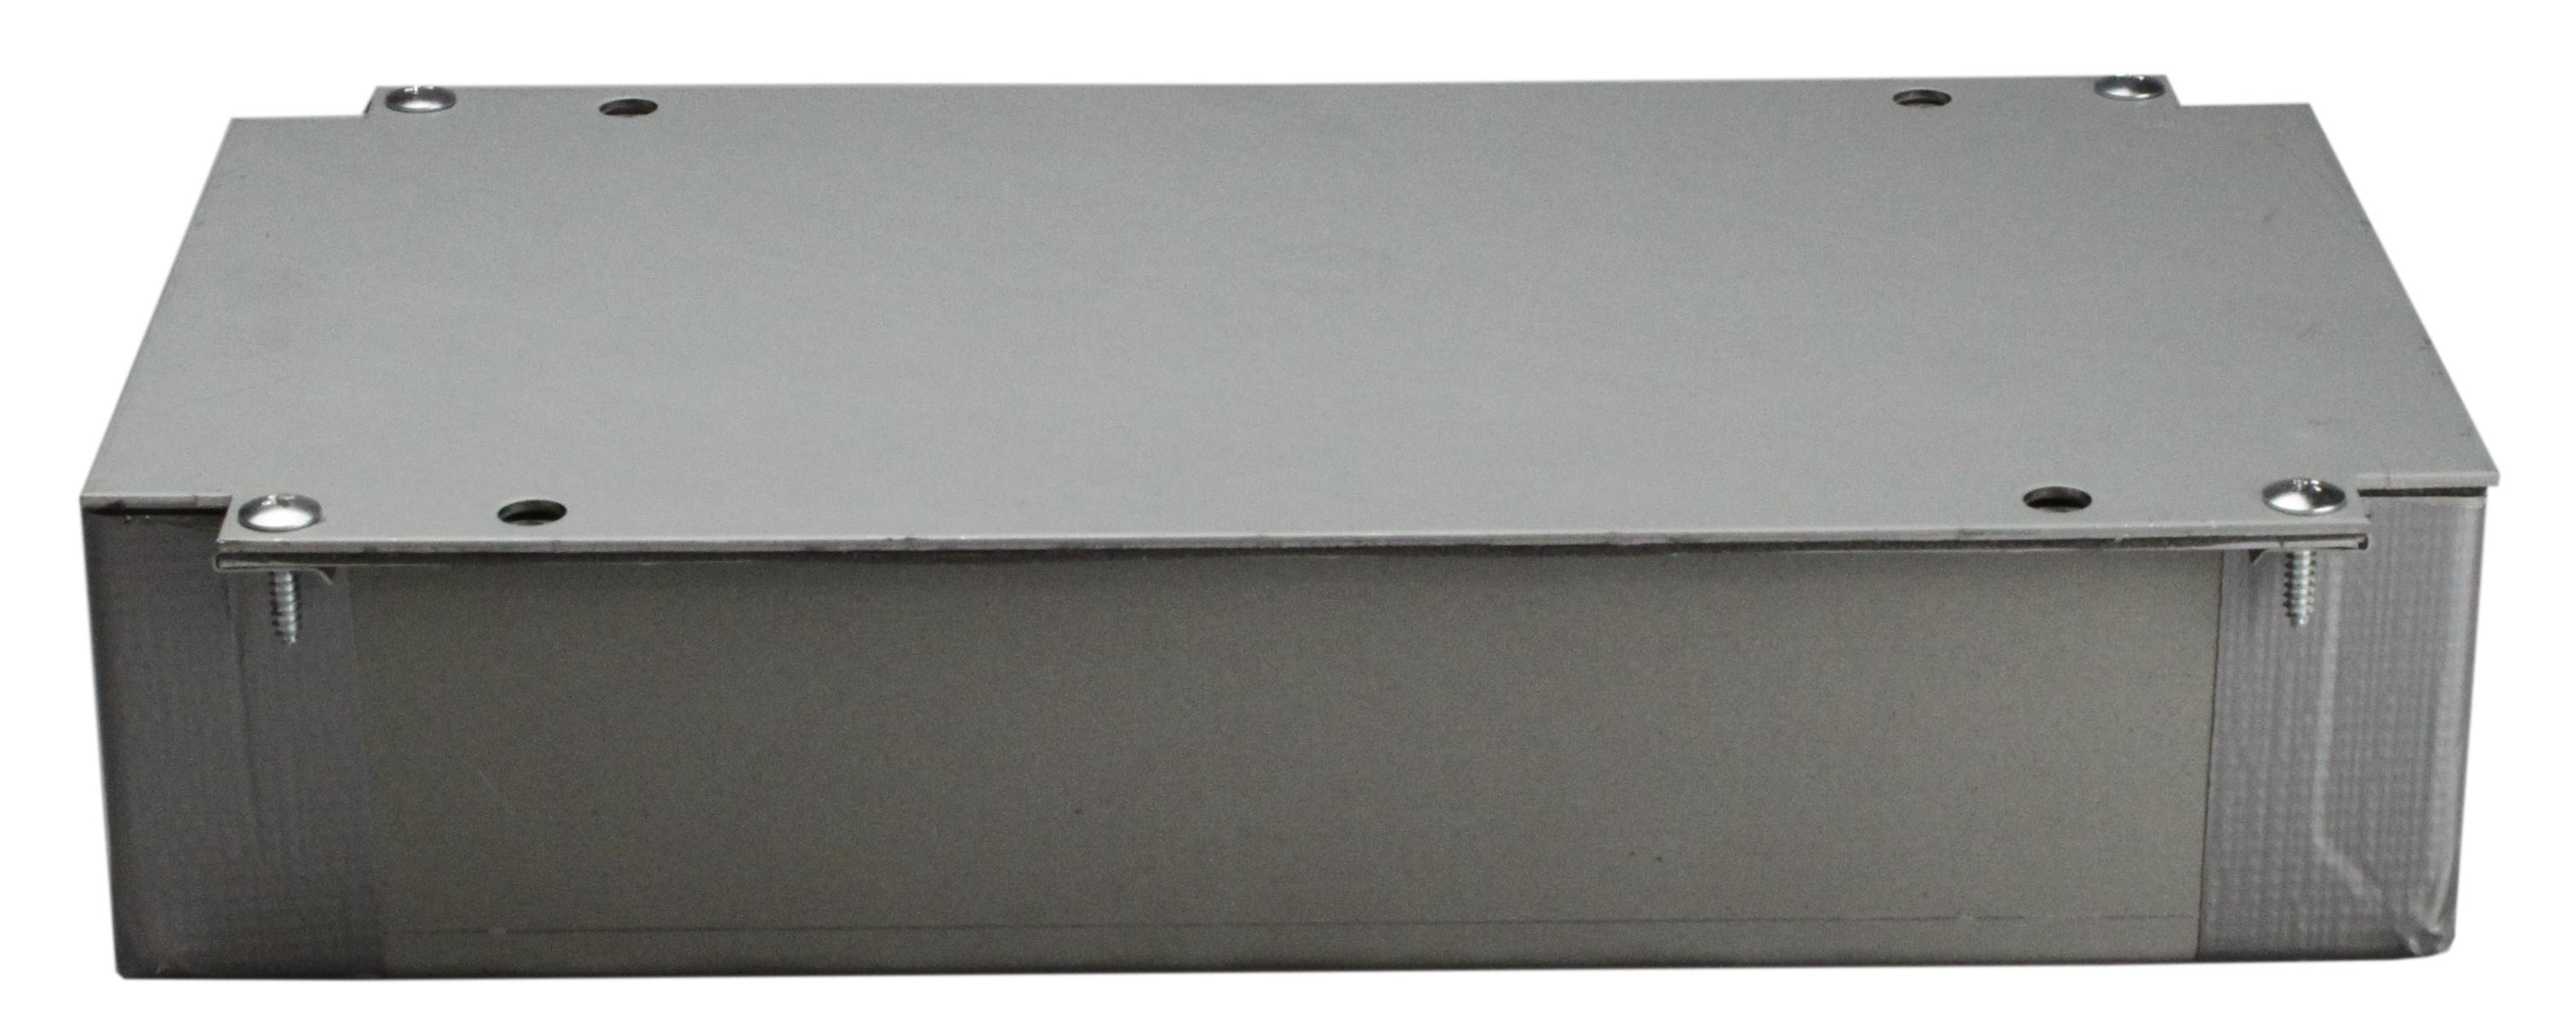 1 Stk Betoneinbaukasten für Notleuchten Design KC NLKCBERO--